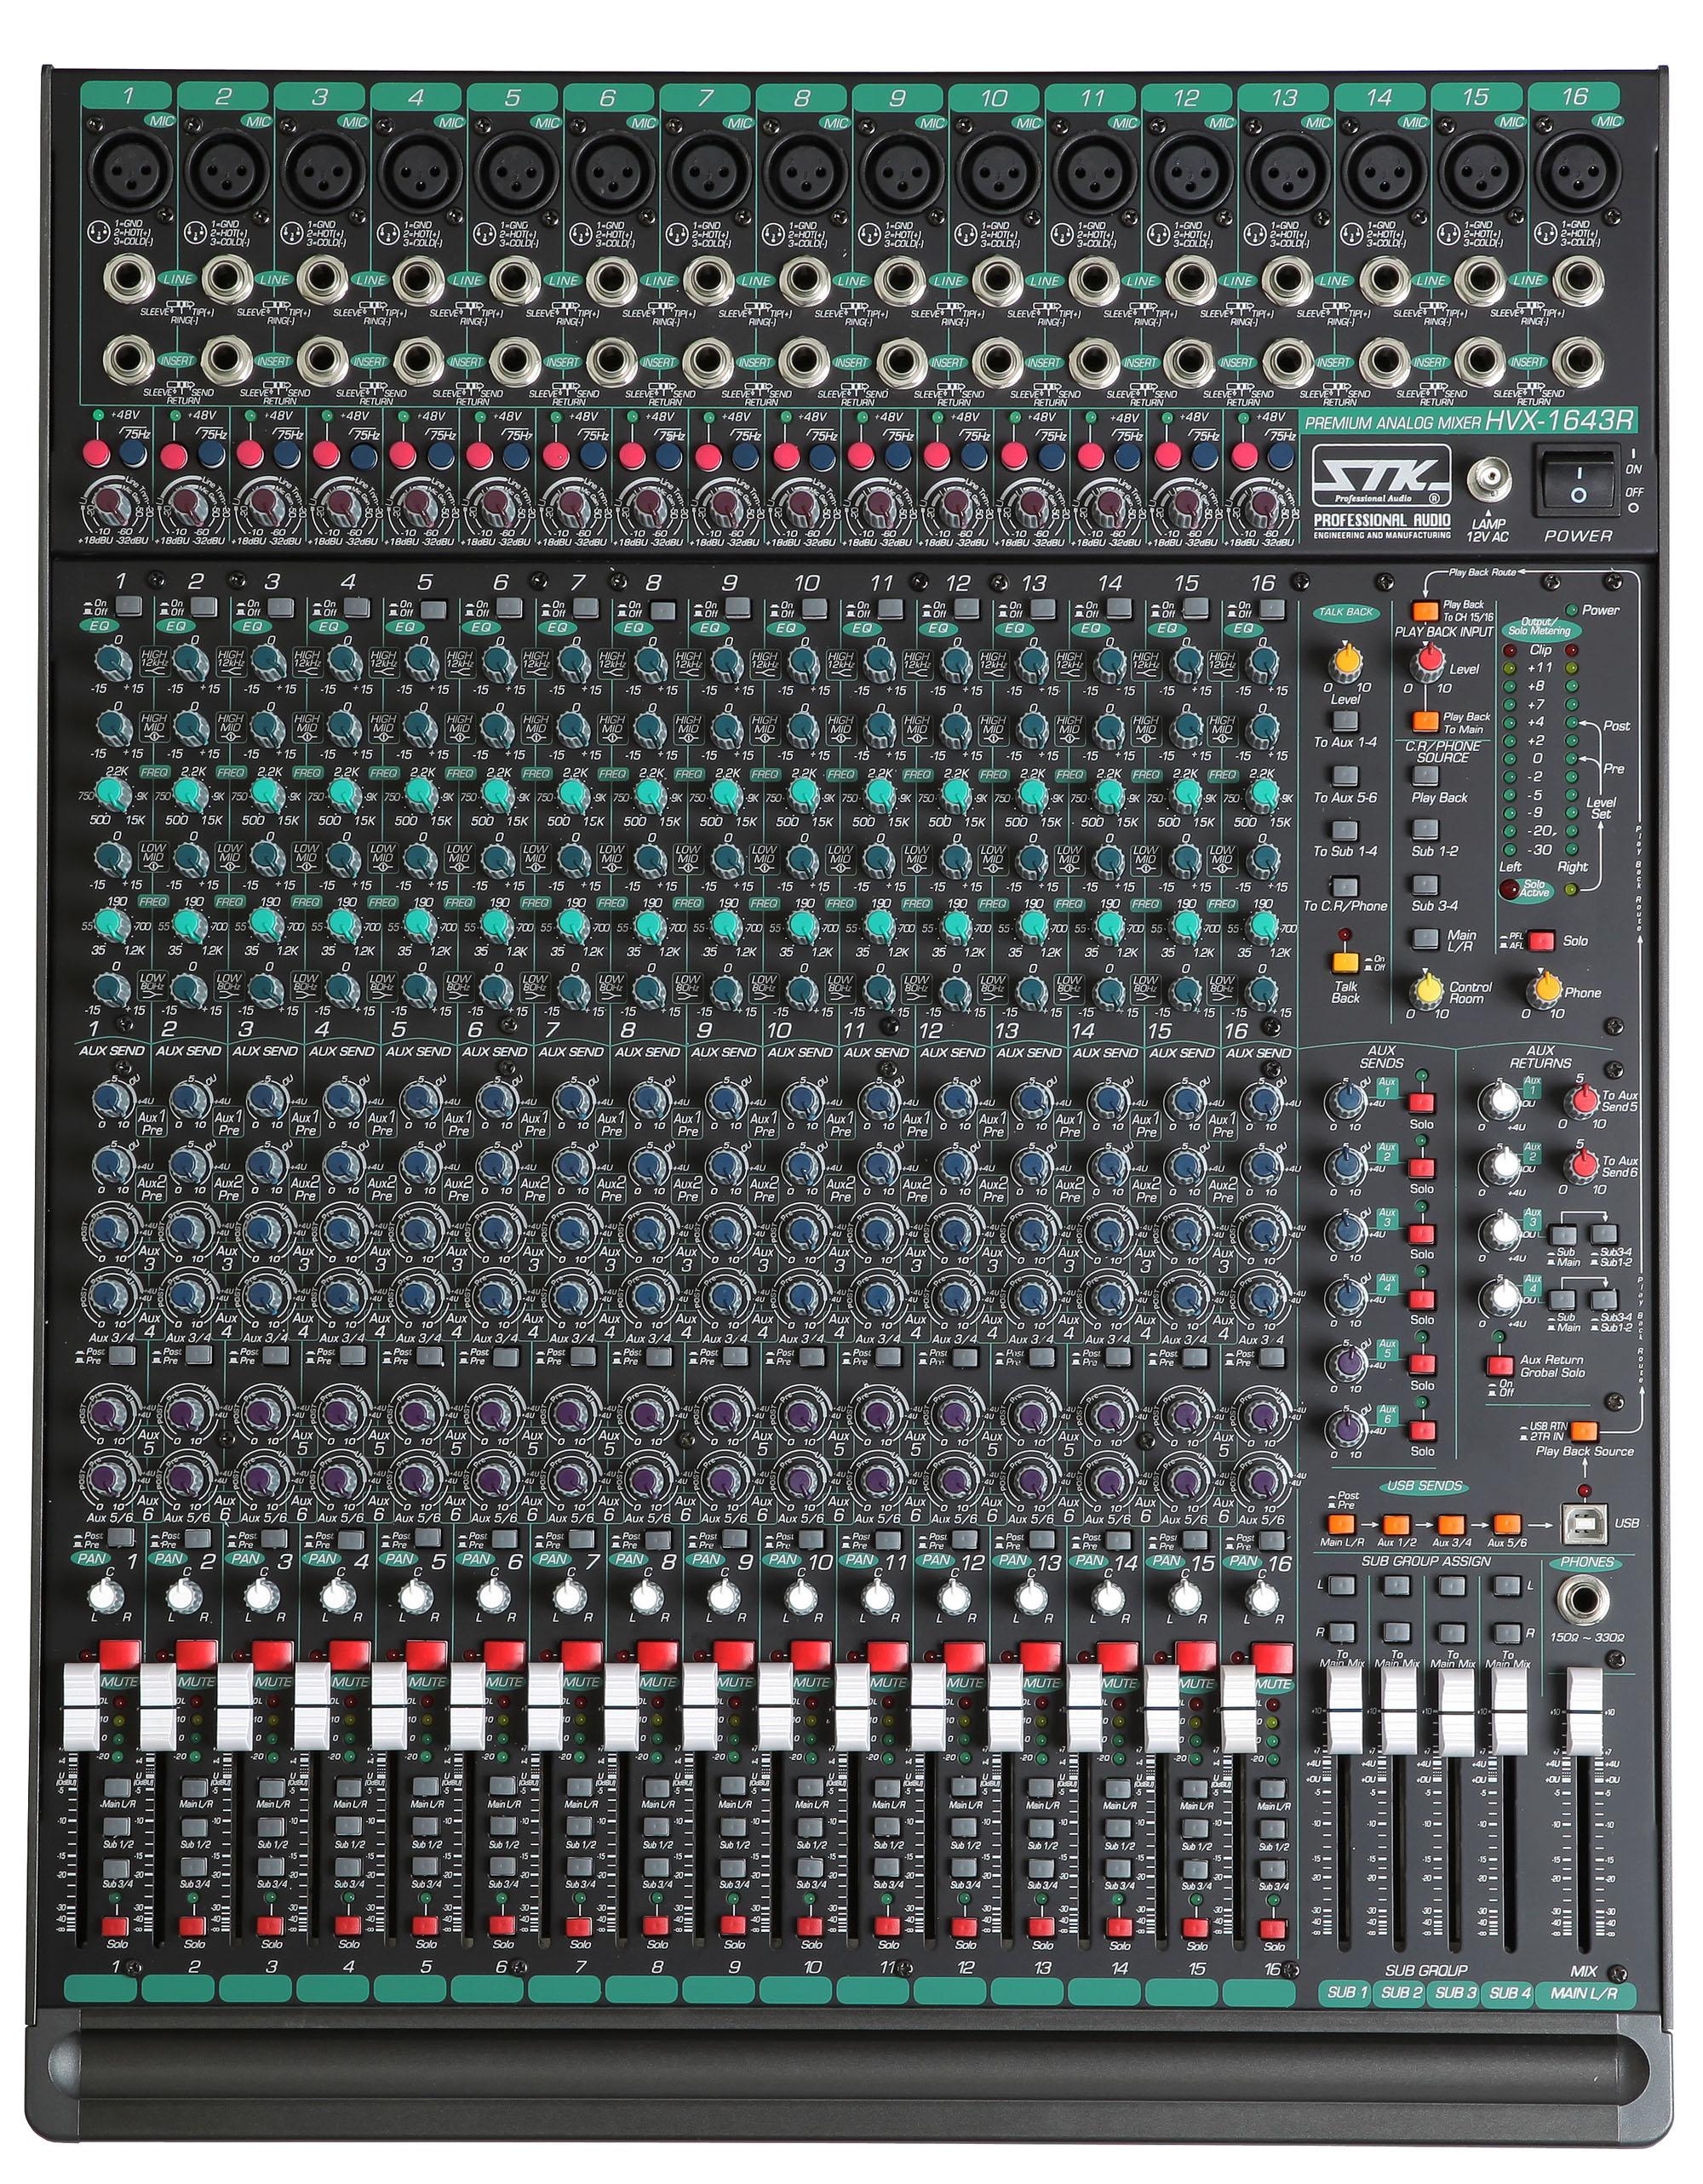 Tables de mixage analogique - STK HVX1643R Image